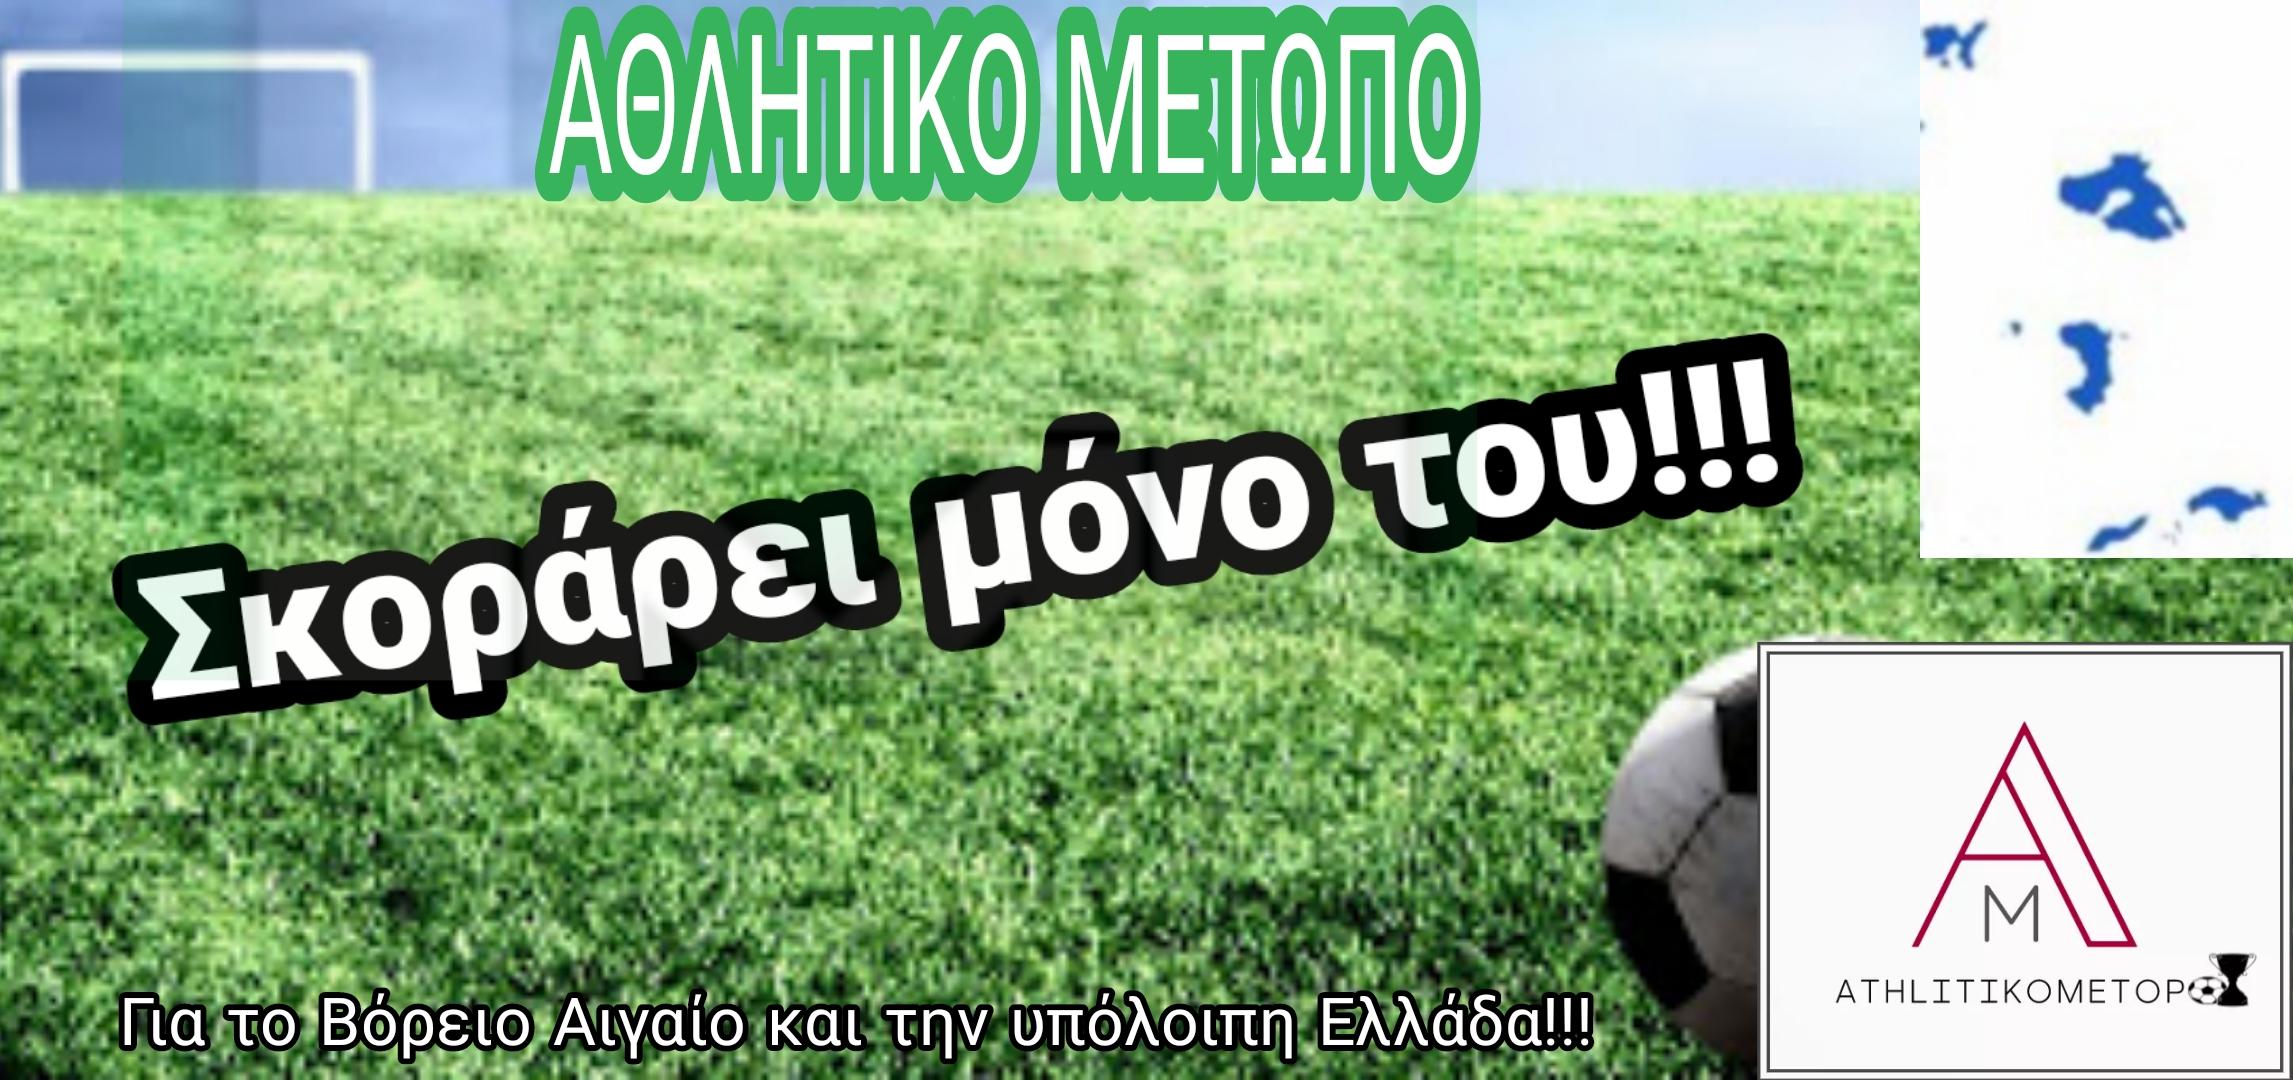 ΑΘΛΗΤΙΚΟ ΜΕΤΩΠΟ